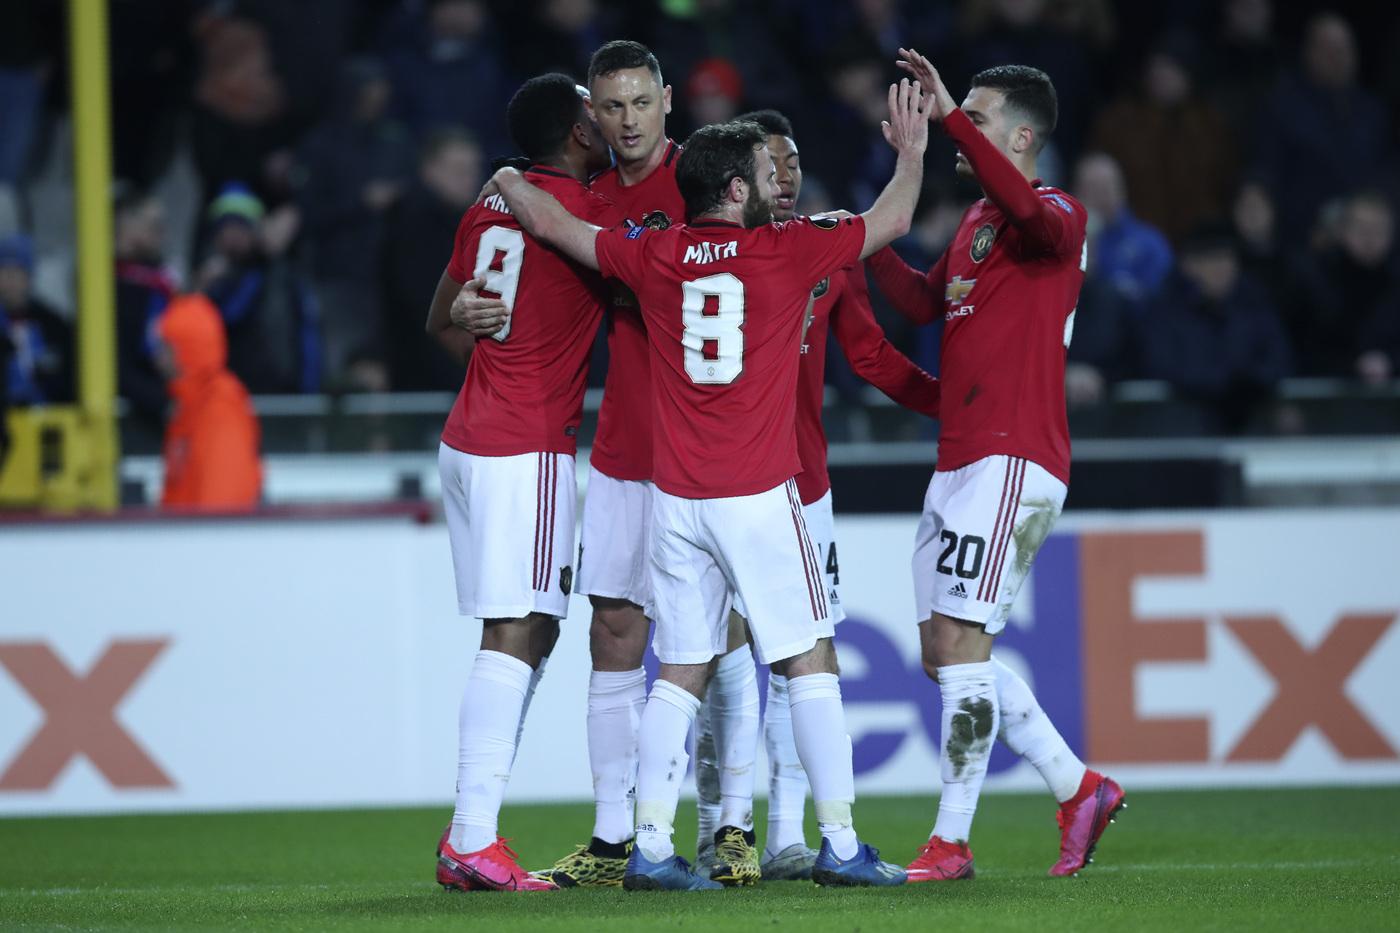 Pronostico LASK Linz-Manchester United 12 marzo: le quote di EL